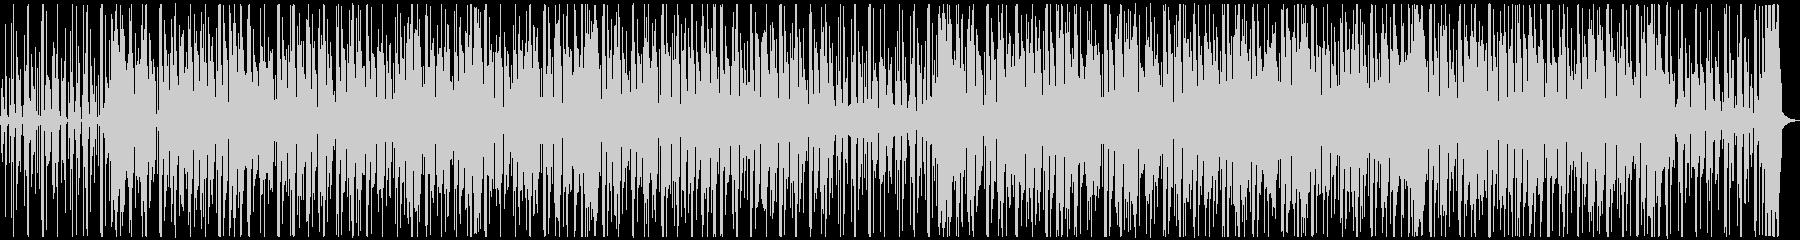 カリビアン風のトロピカルで楽しいBGMの未再生の波形